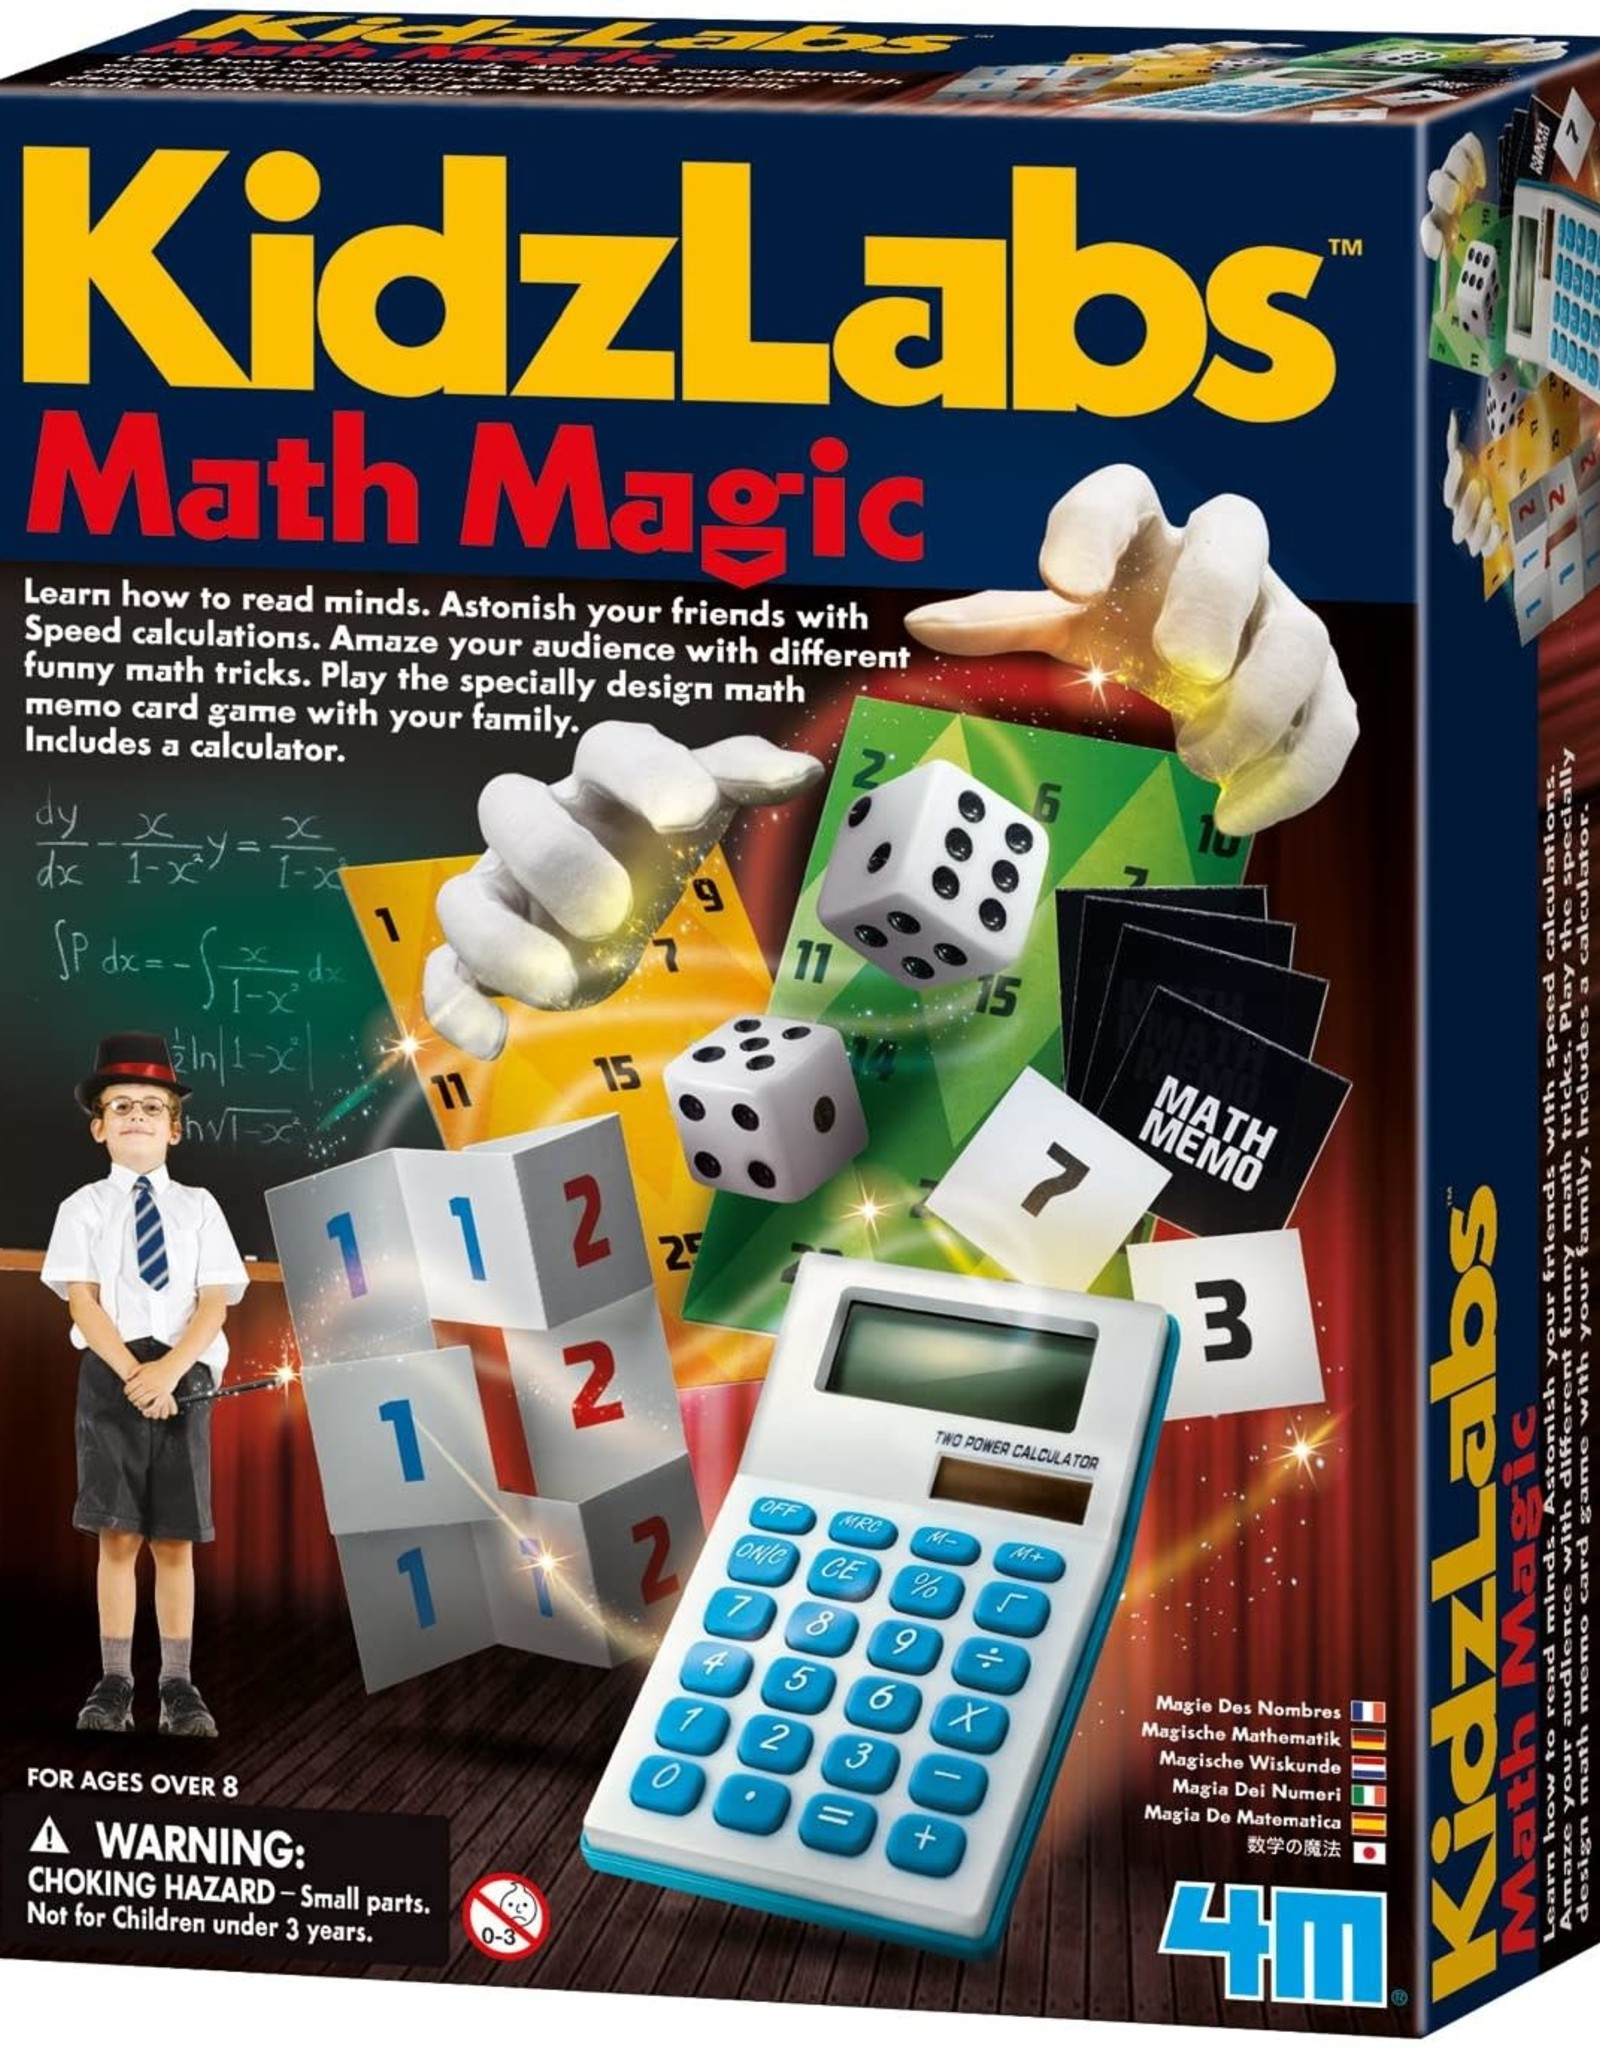 KidzLabs Math Magic